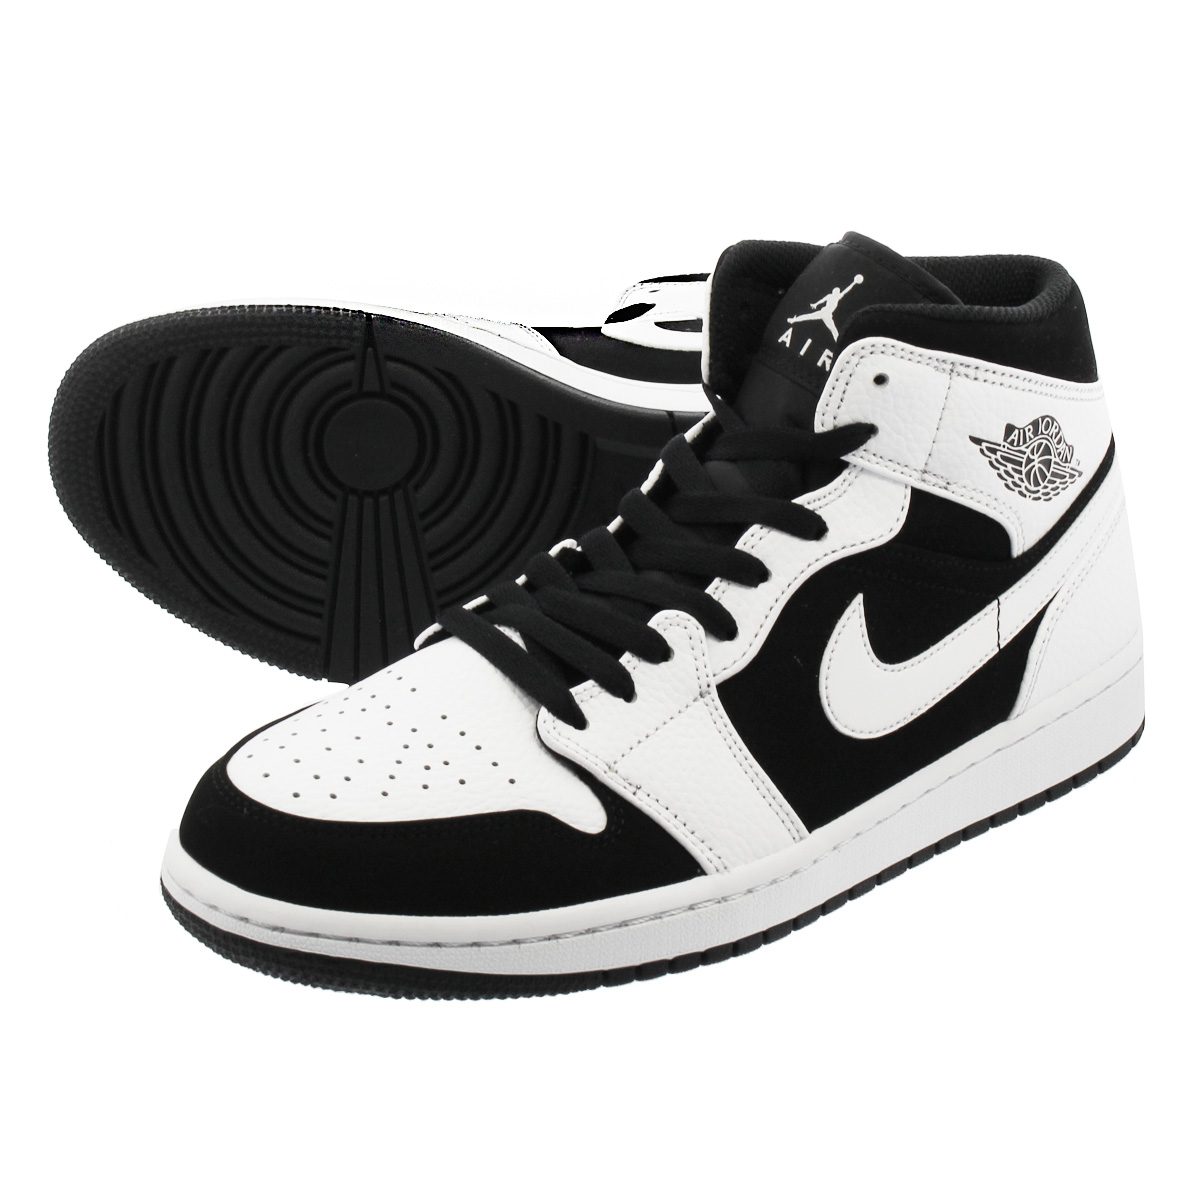 best loved e81e6 eb74f NIKE AIR JORDAN 1 MID Nike Air Jordan 1 mid WHITE BLACK 554,724-113 ...